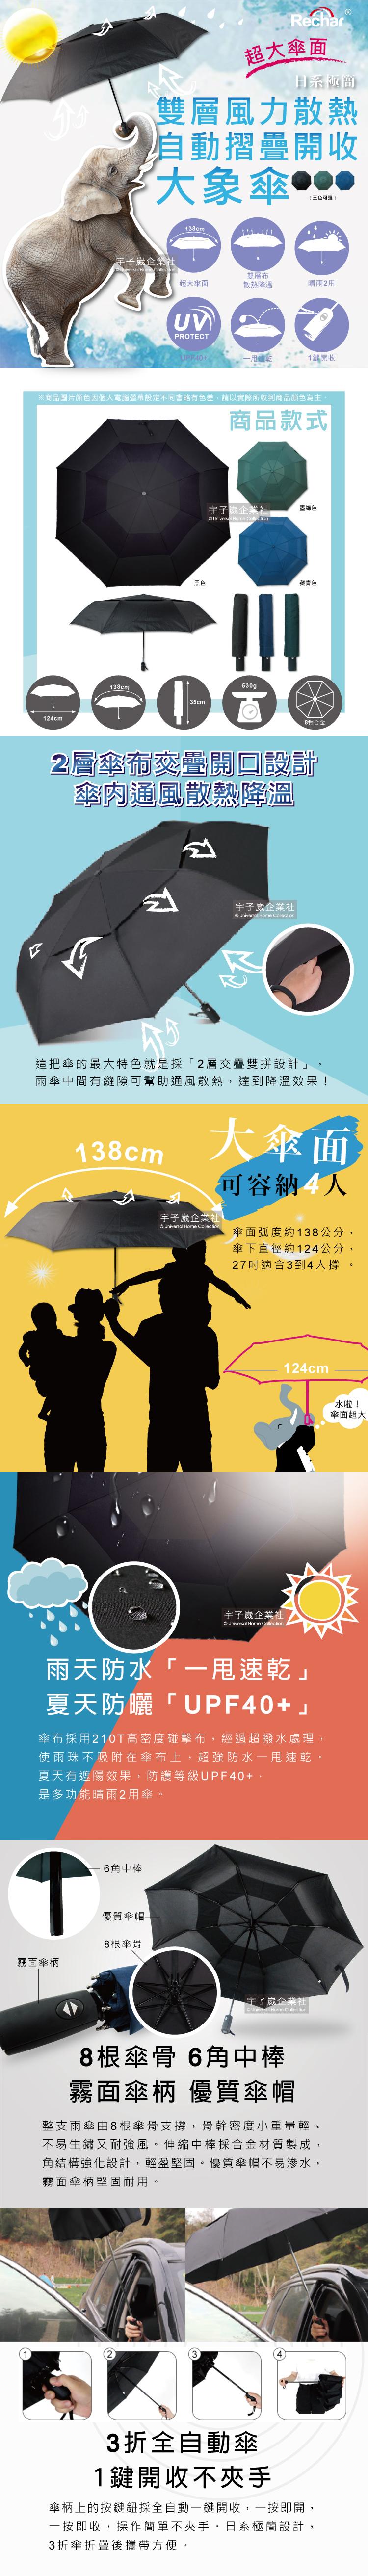 4人雙層自動摺疊開收大象傘